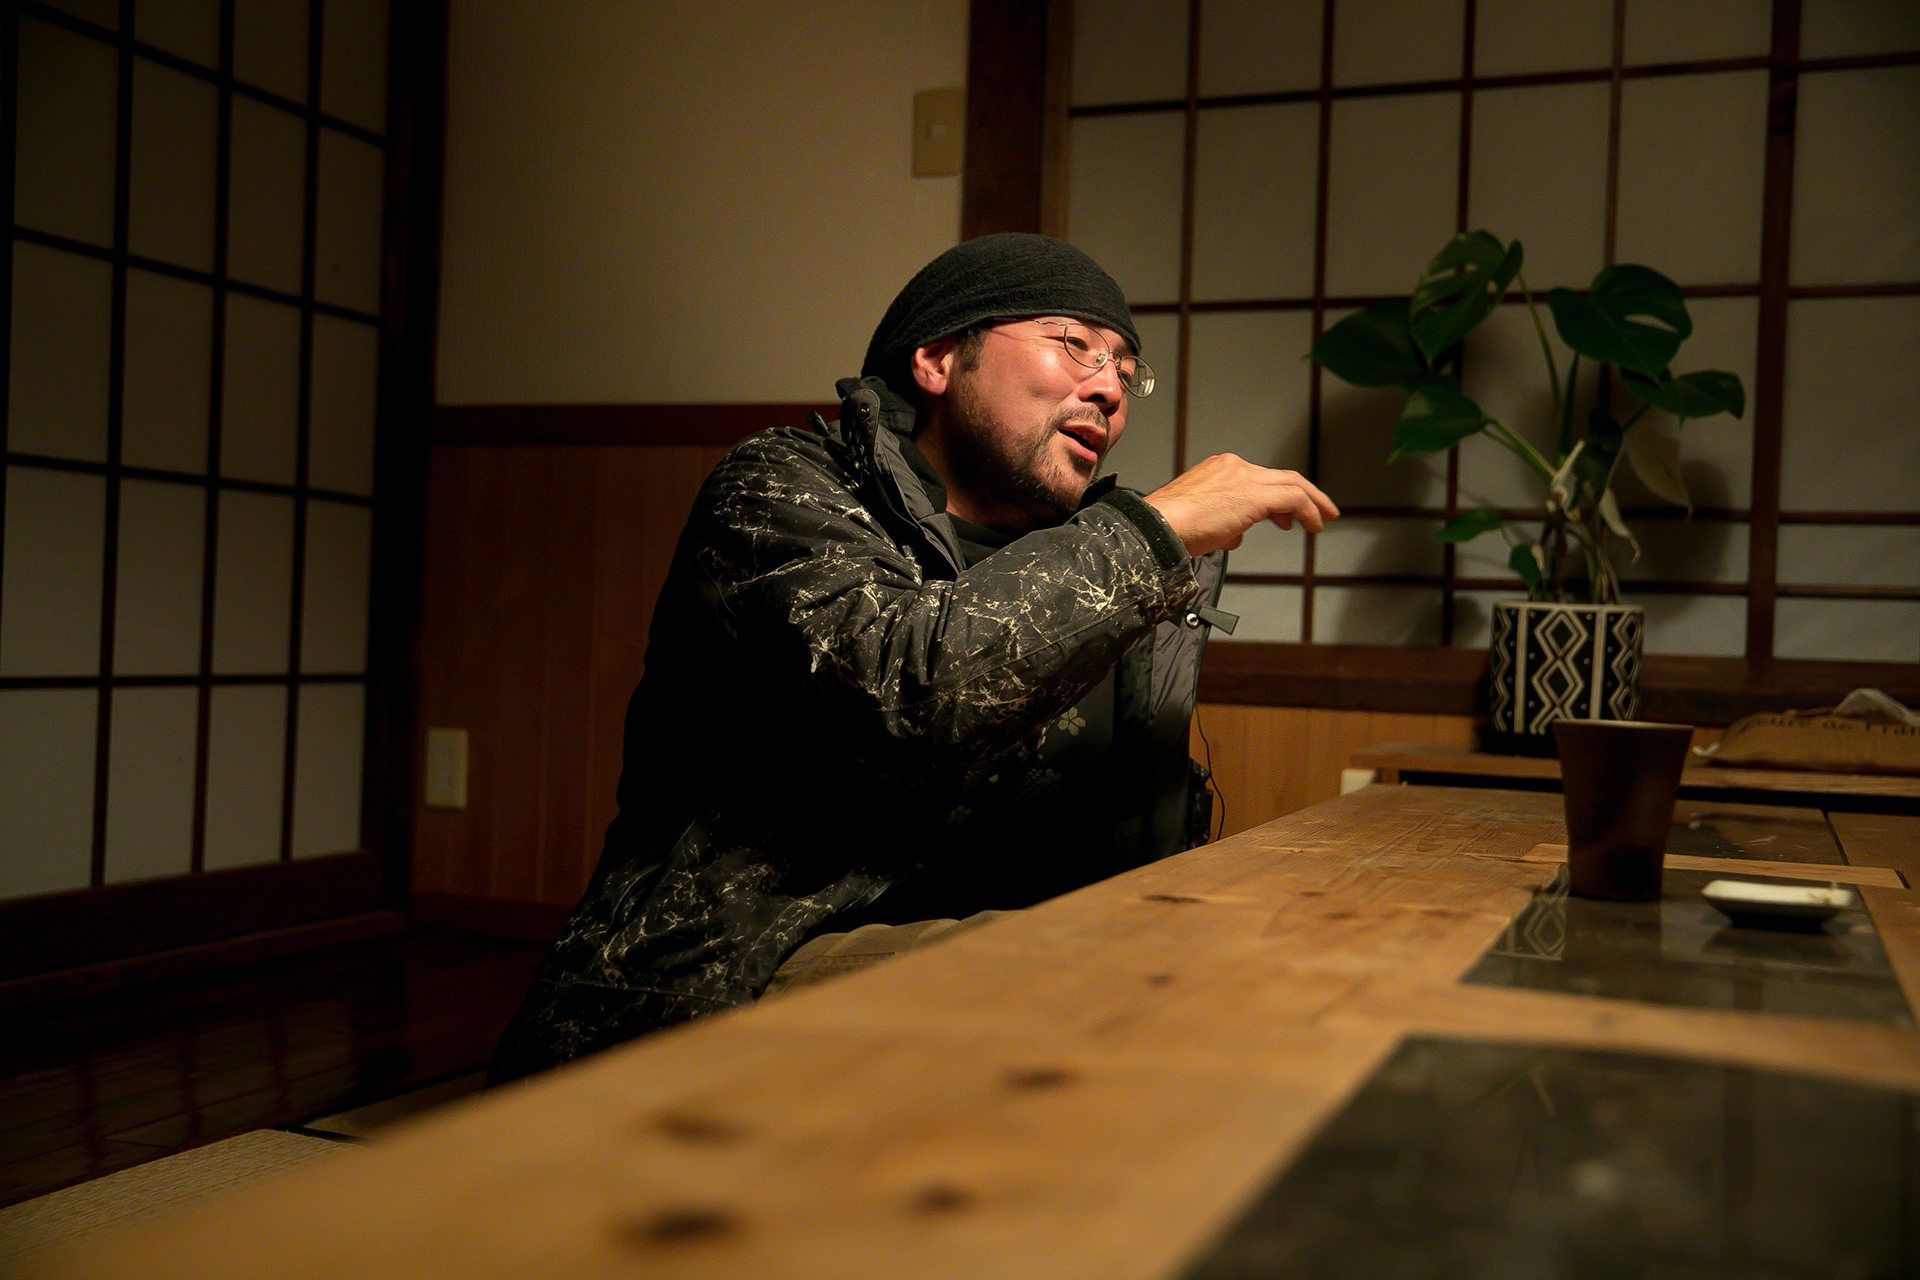 【鳥取×働く人 vol.43】矢頭工務店大工/猟師「矢頭 祐樹」さんにインタビュー